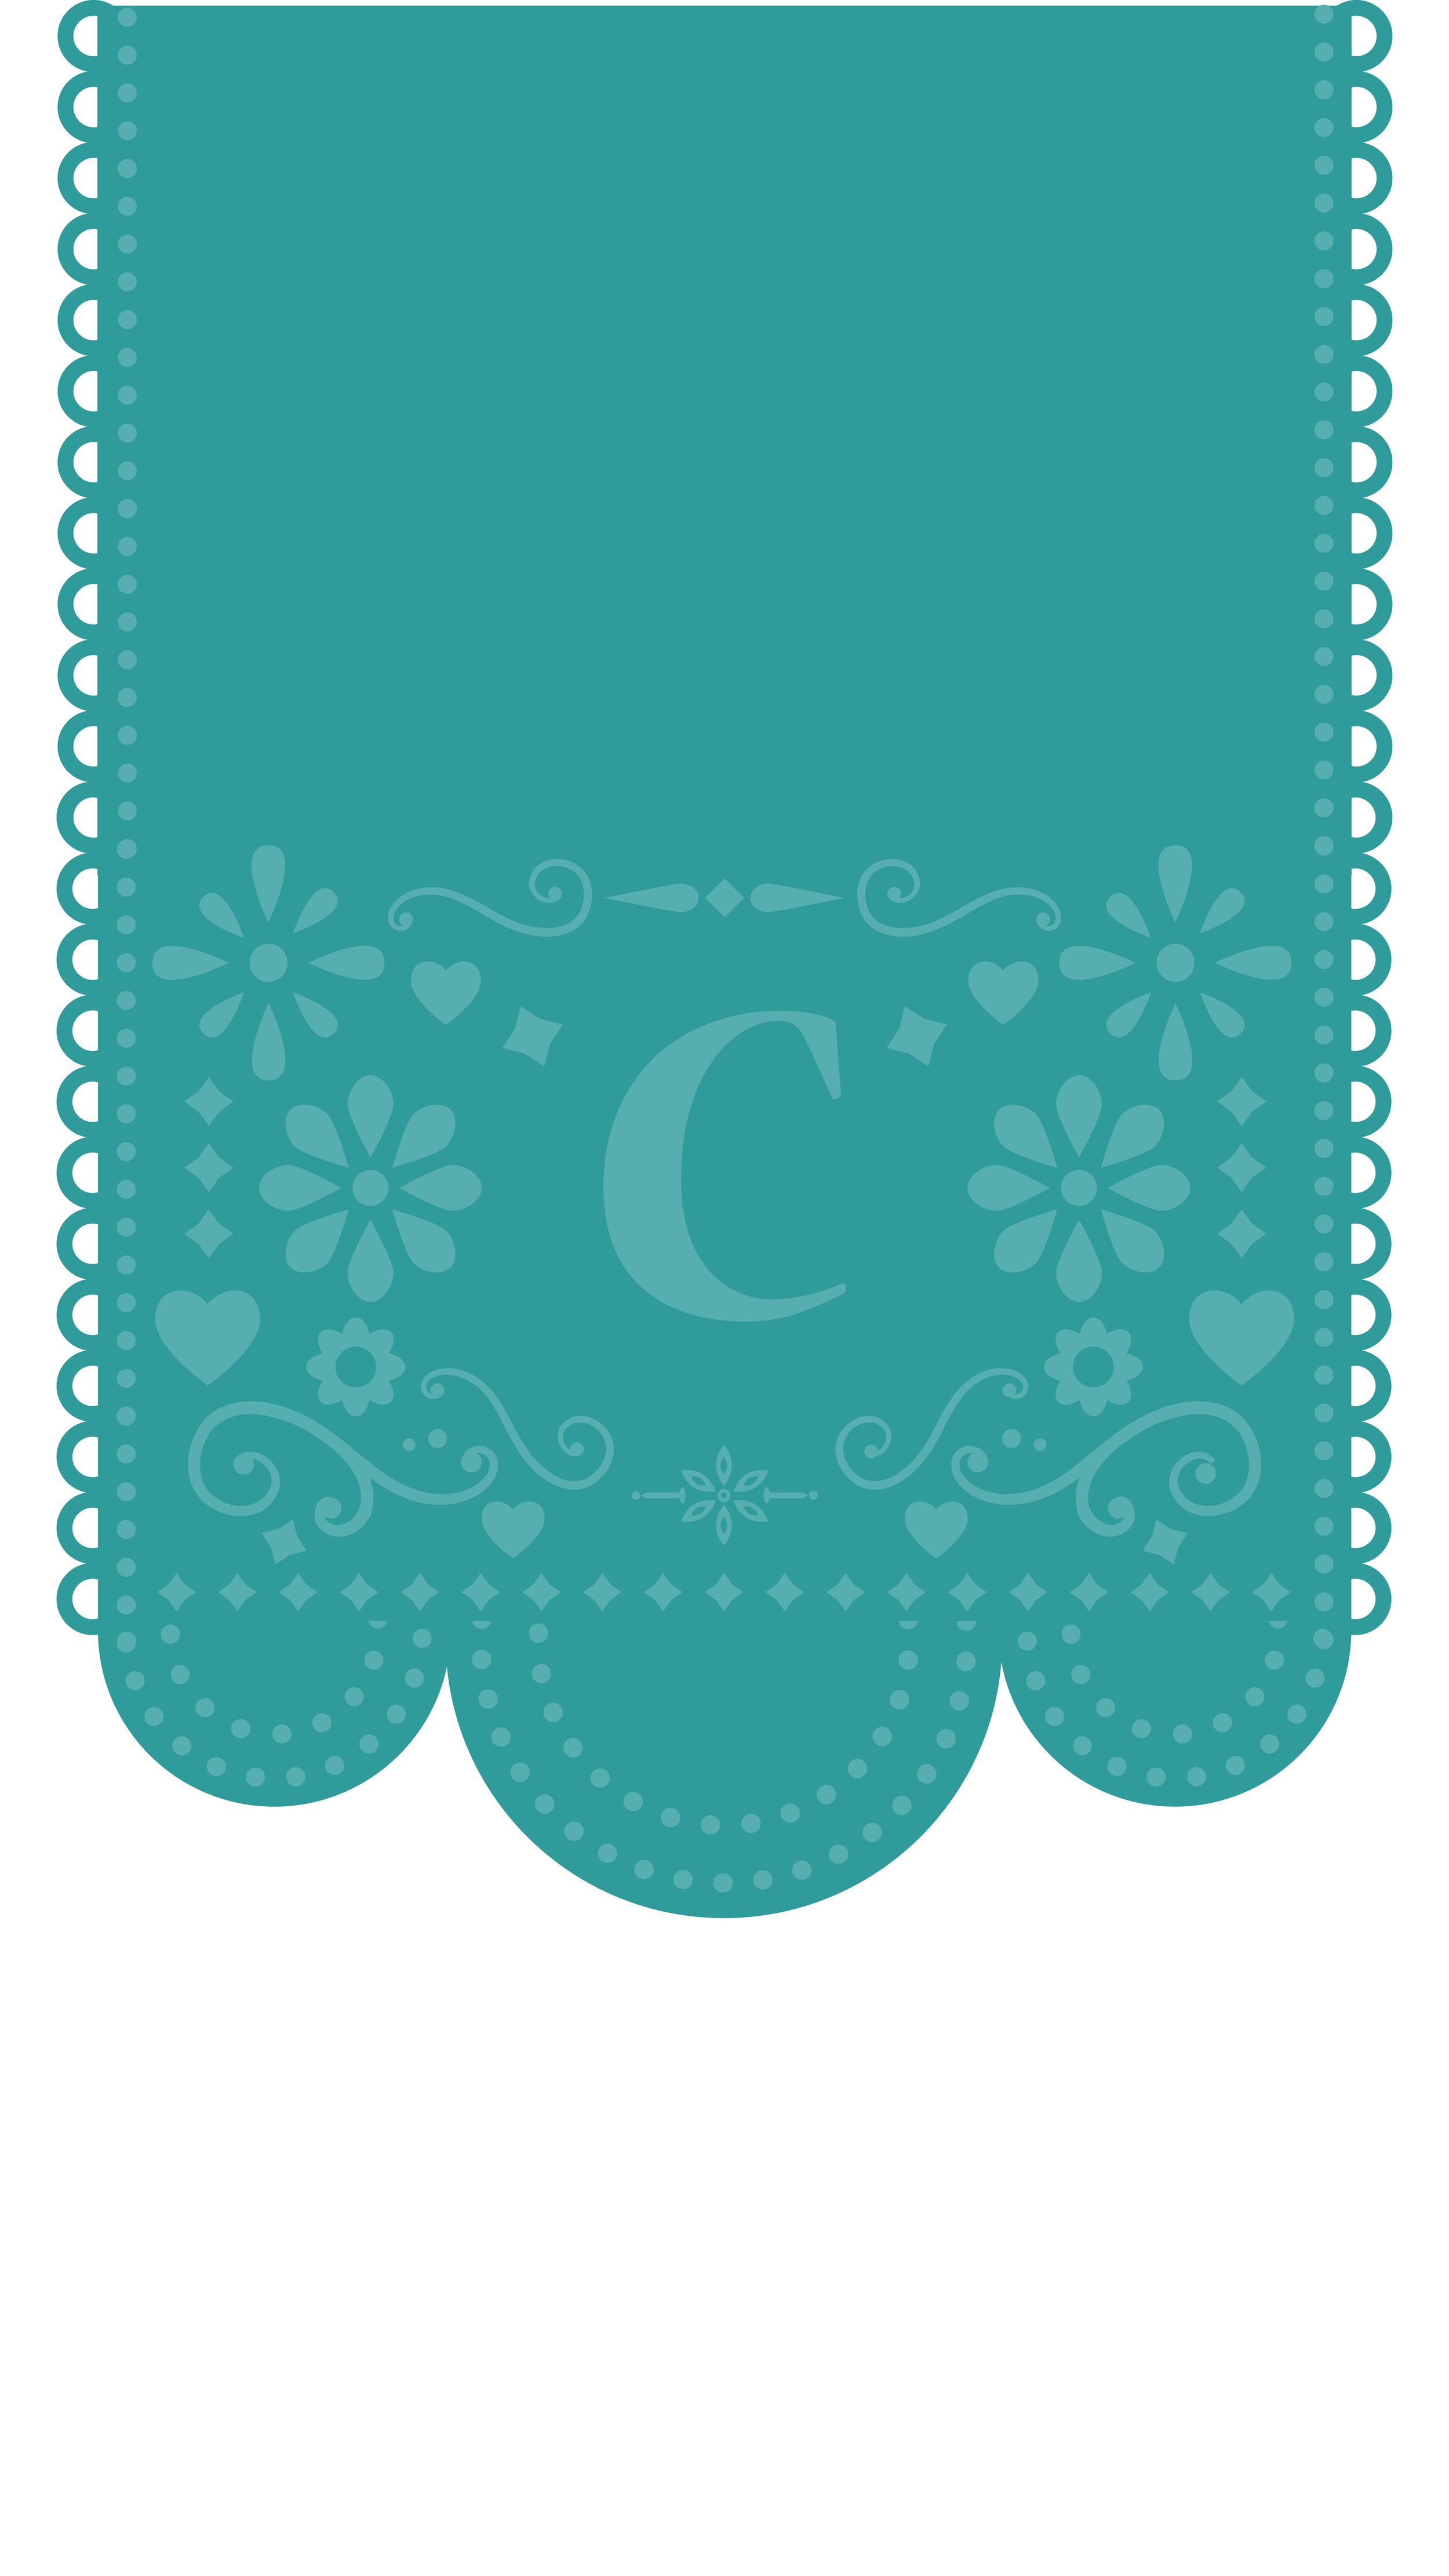 c-fiesta-banner.png